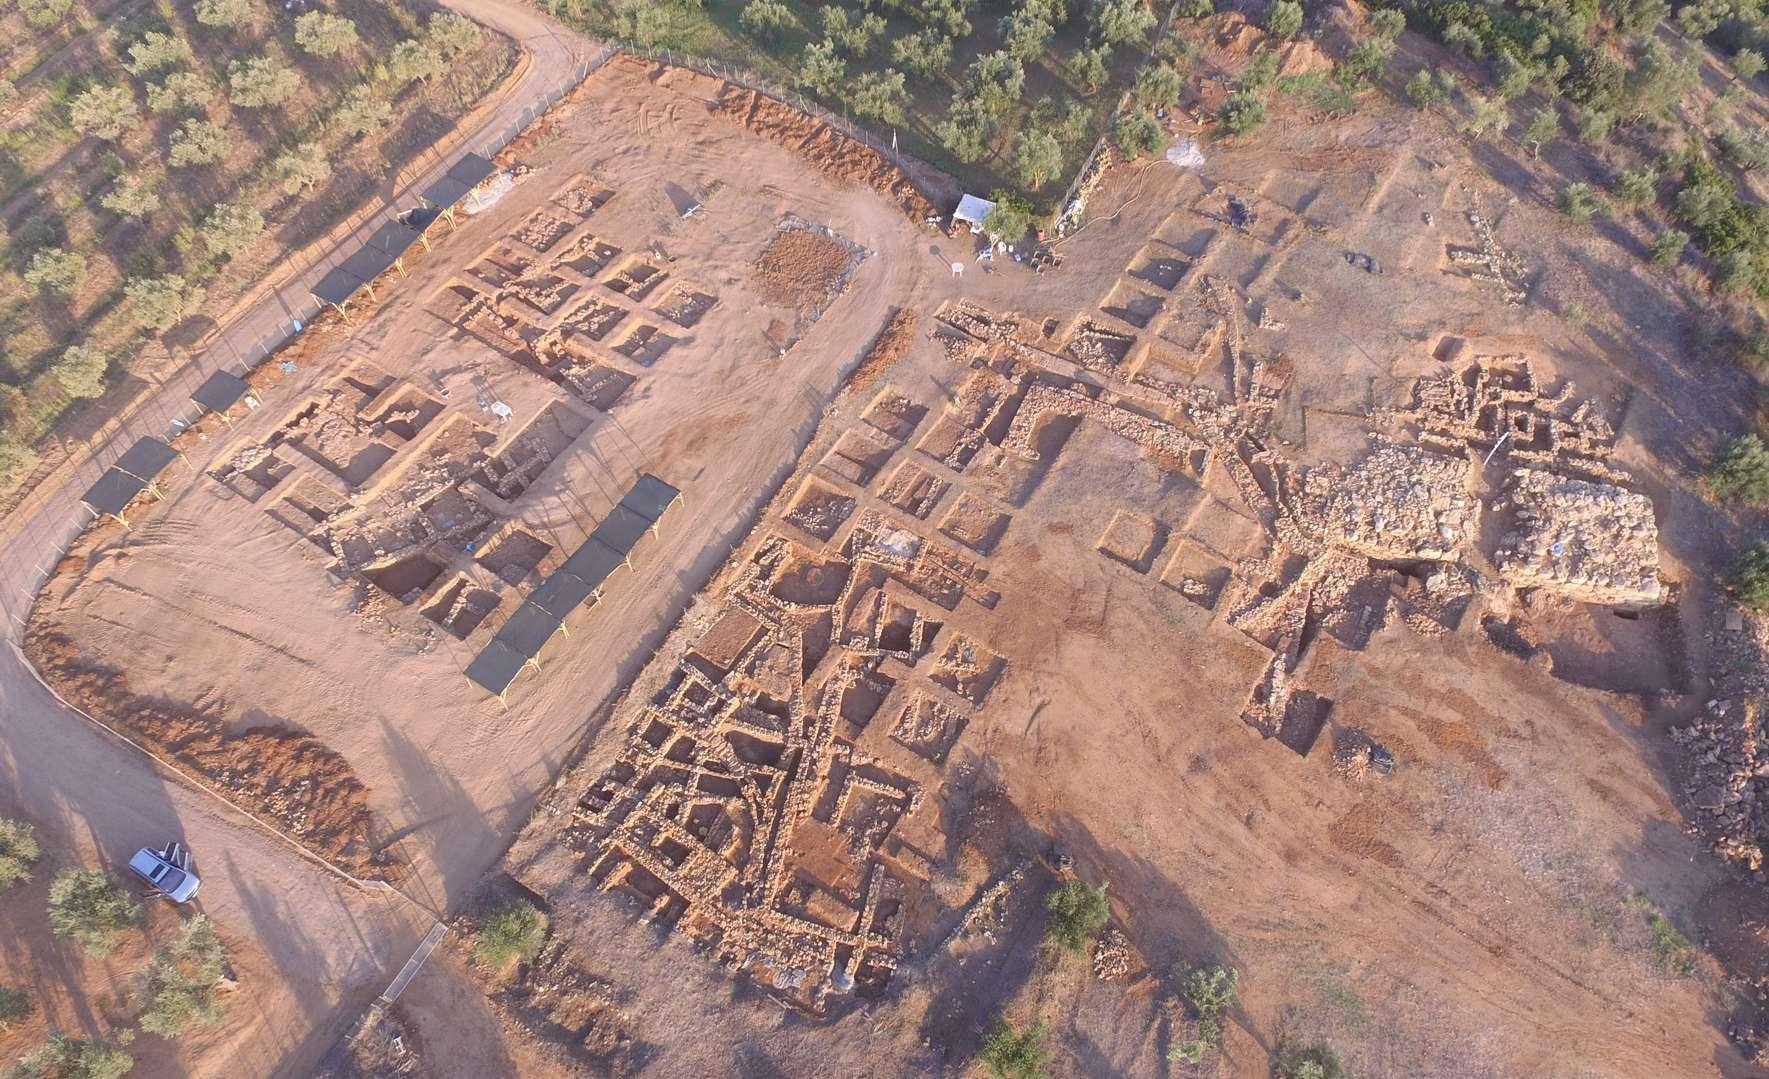 H Ίκλαινα δεν κατοικήθηκε μετά το 1200 π.Χ. Έτσι διατηρήθηκε. Όταν υπάρχει συνέχεια, τα νεότερα κτίσματα προκαλούν καταστροφές στα παλαιότερα.